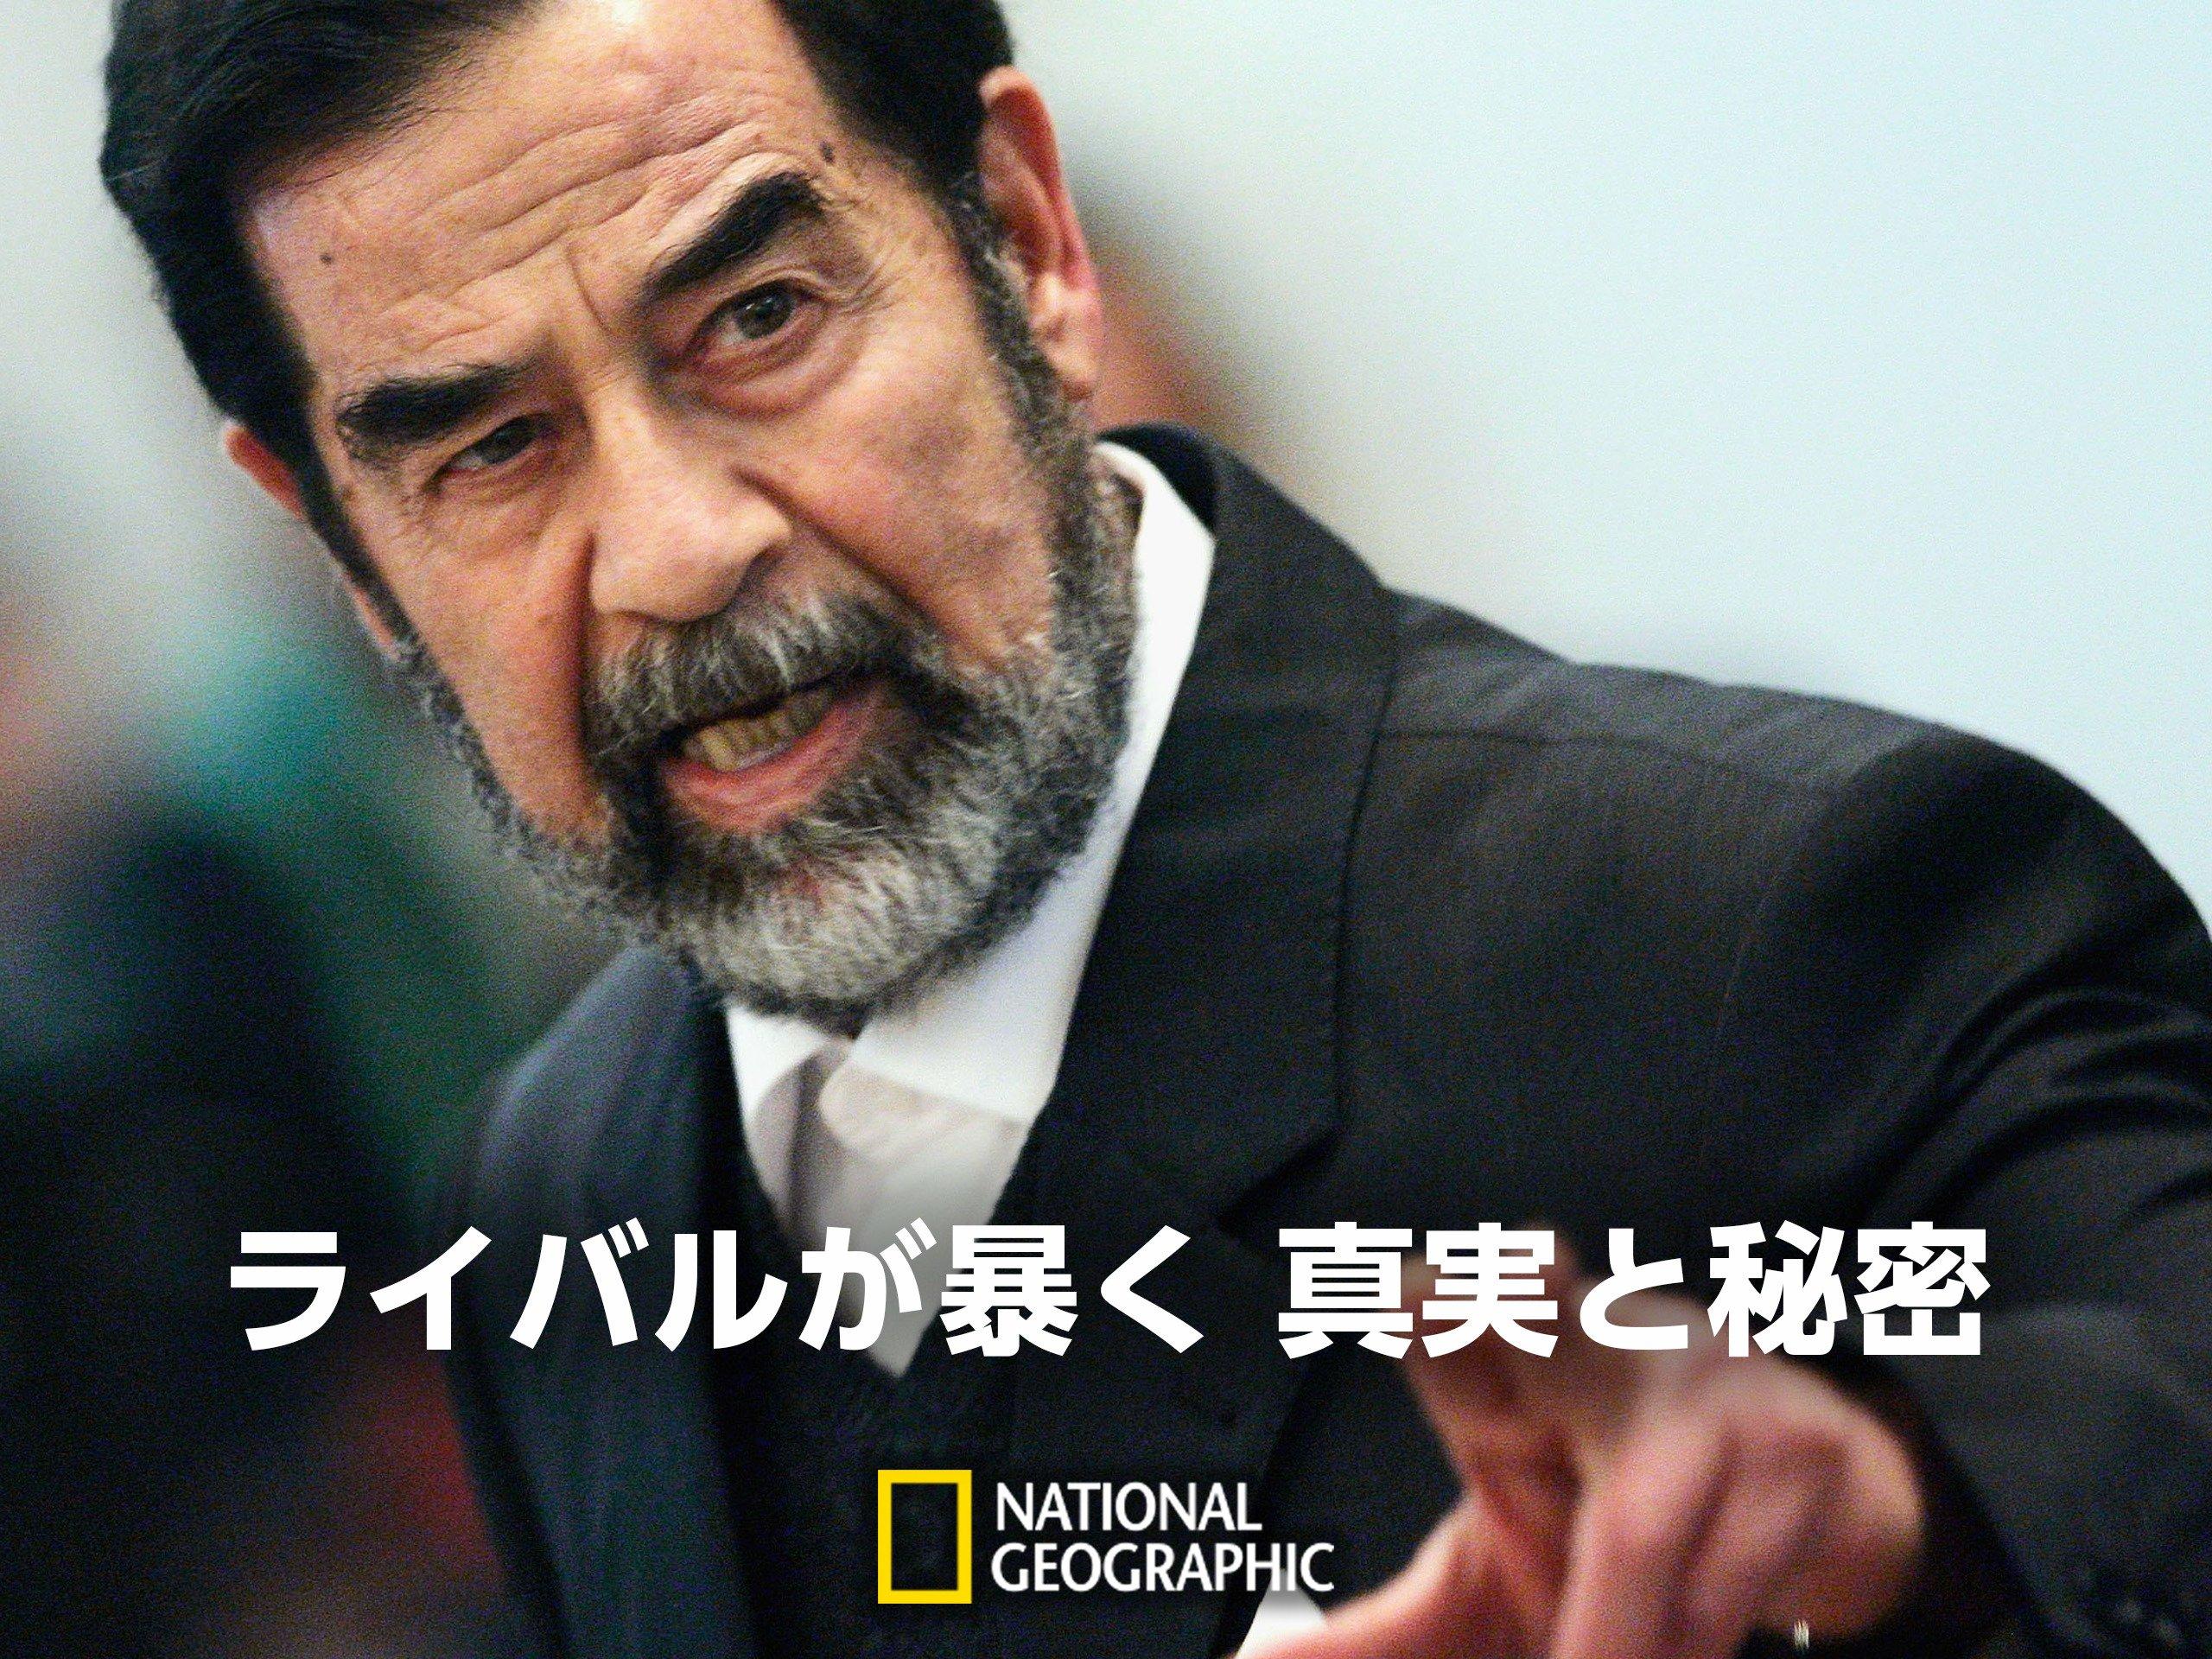 ウラジーミル・アーノルド - Vladimir Arnold - JapaneseClass.jp